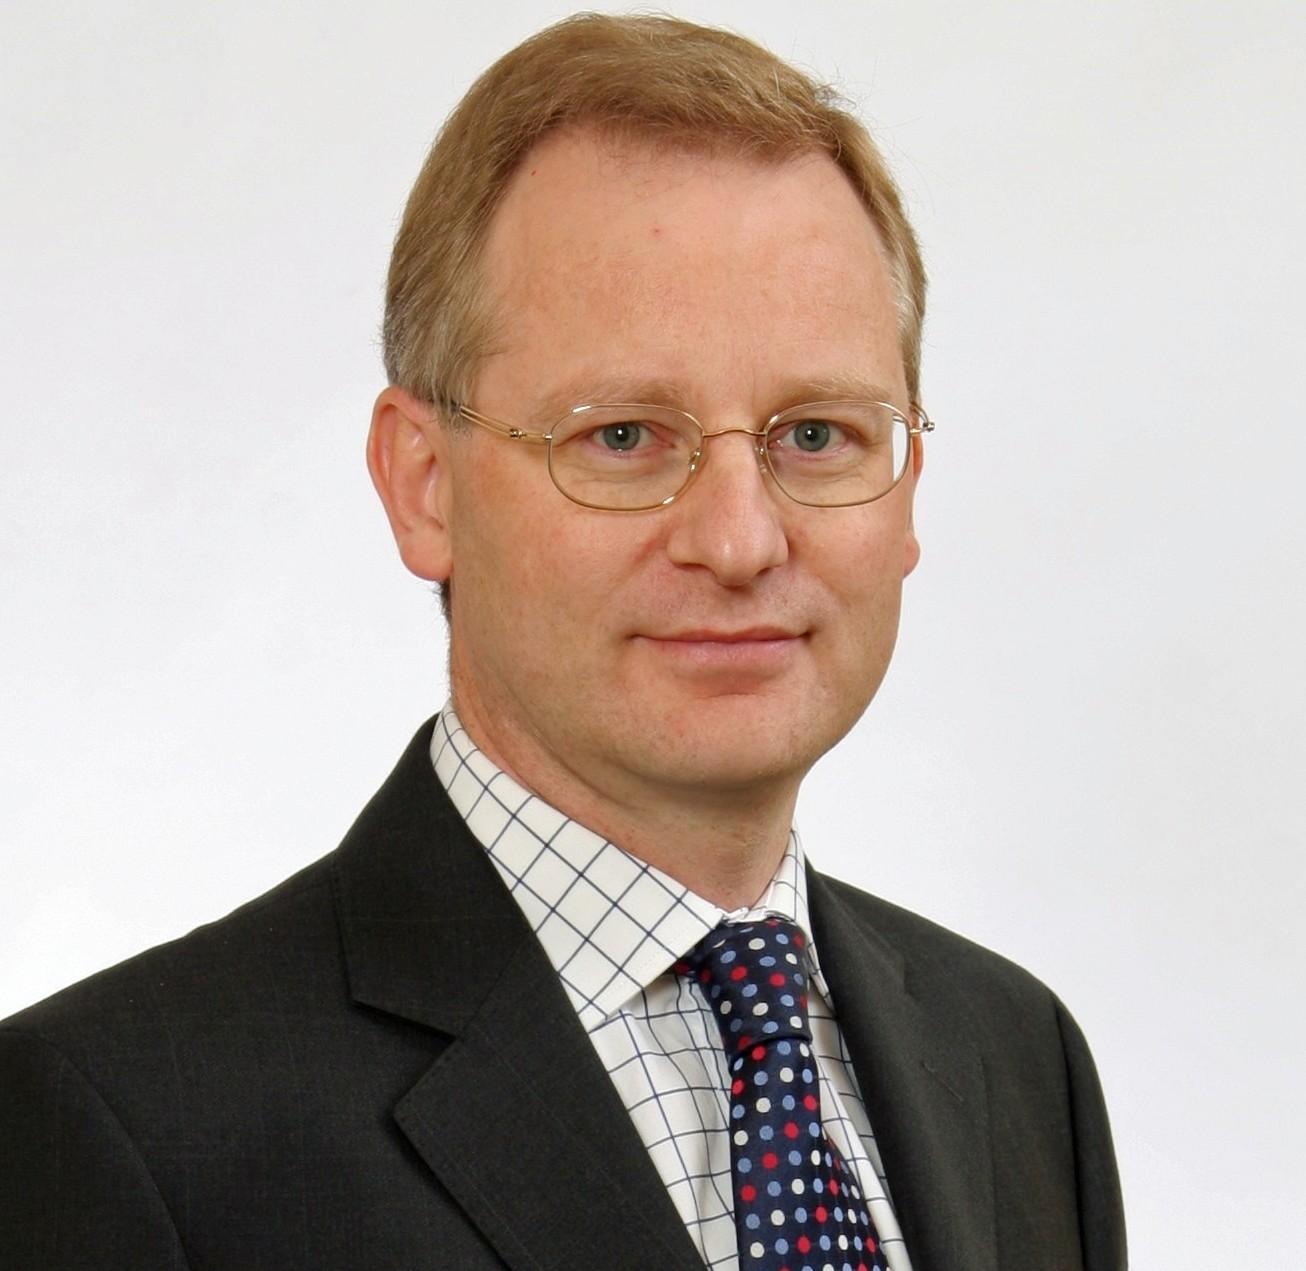 Ewan Neilson is a partner at Stronachs LLP